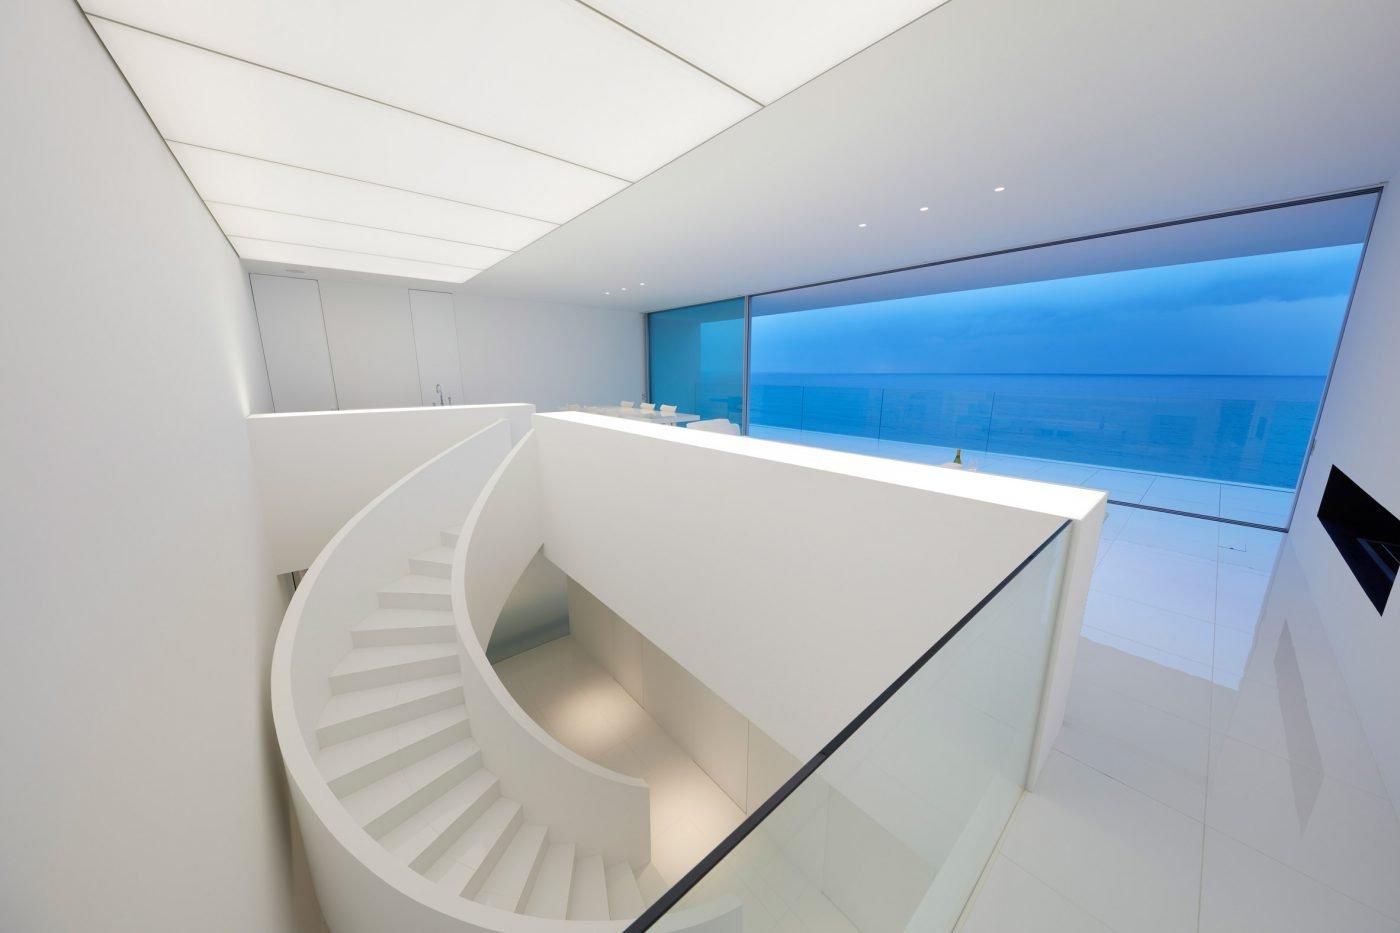 Rumah Tanpa Jendela Prefektur Kanagawa Karya Shinichi Ogawa